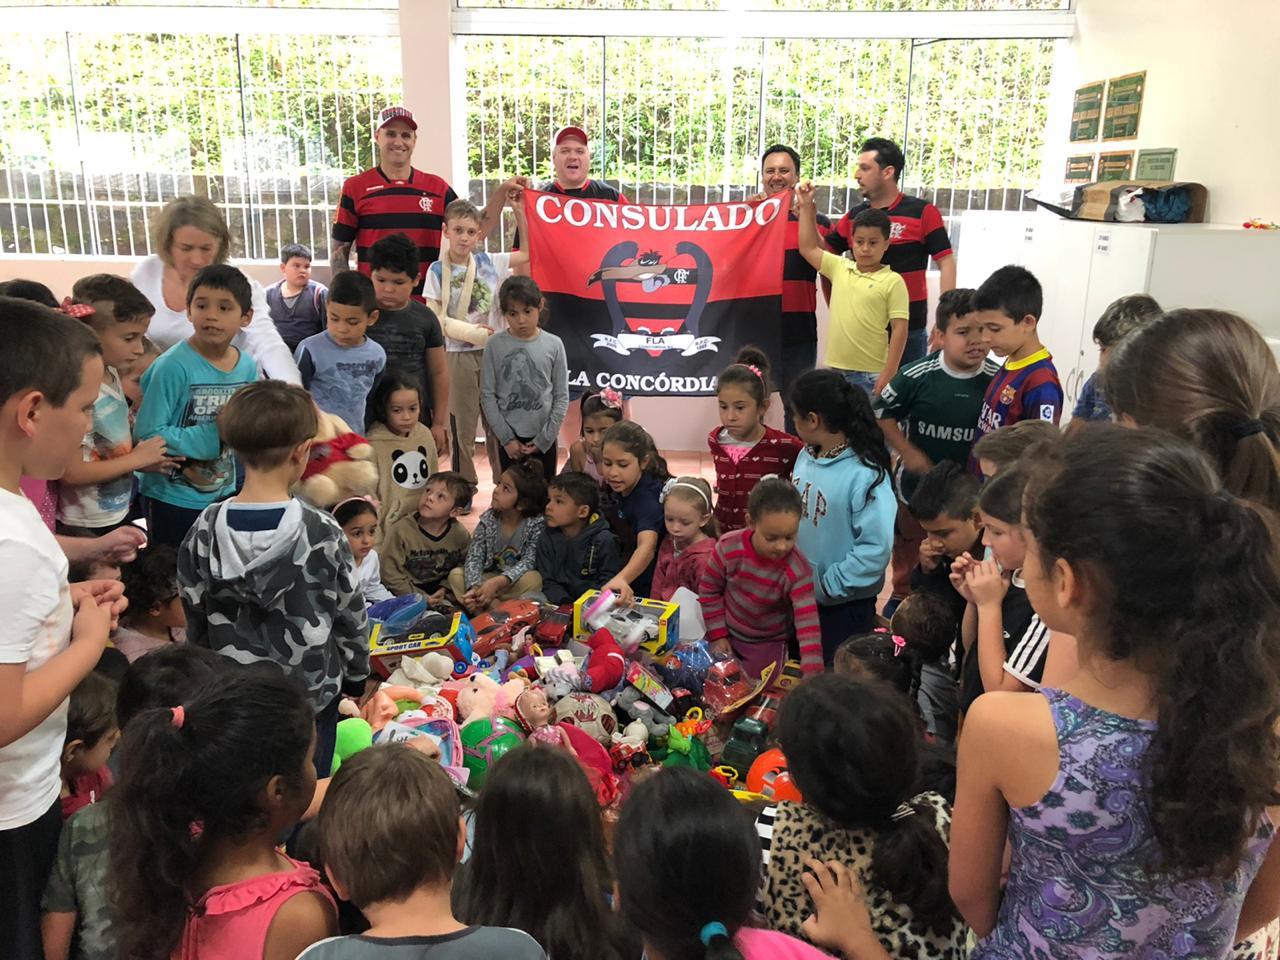 Brinquedos arrecadados pela Campanha do Fla Concórdia são doados a unidade escolar do município